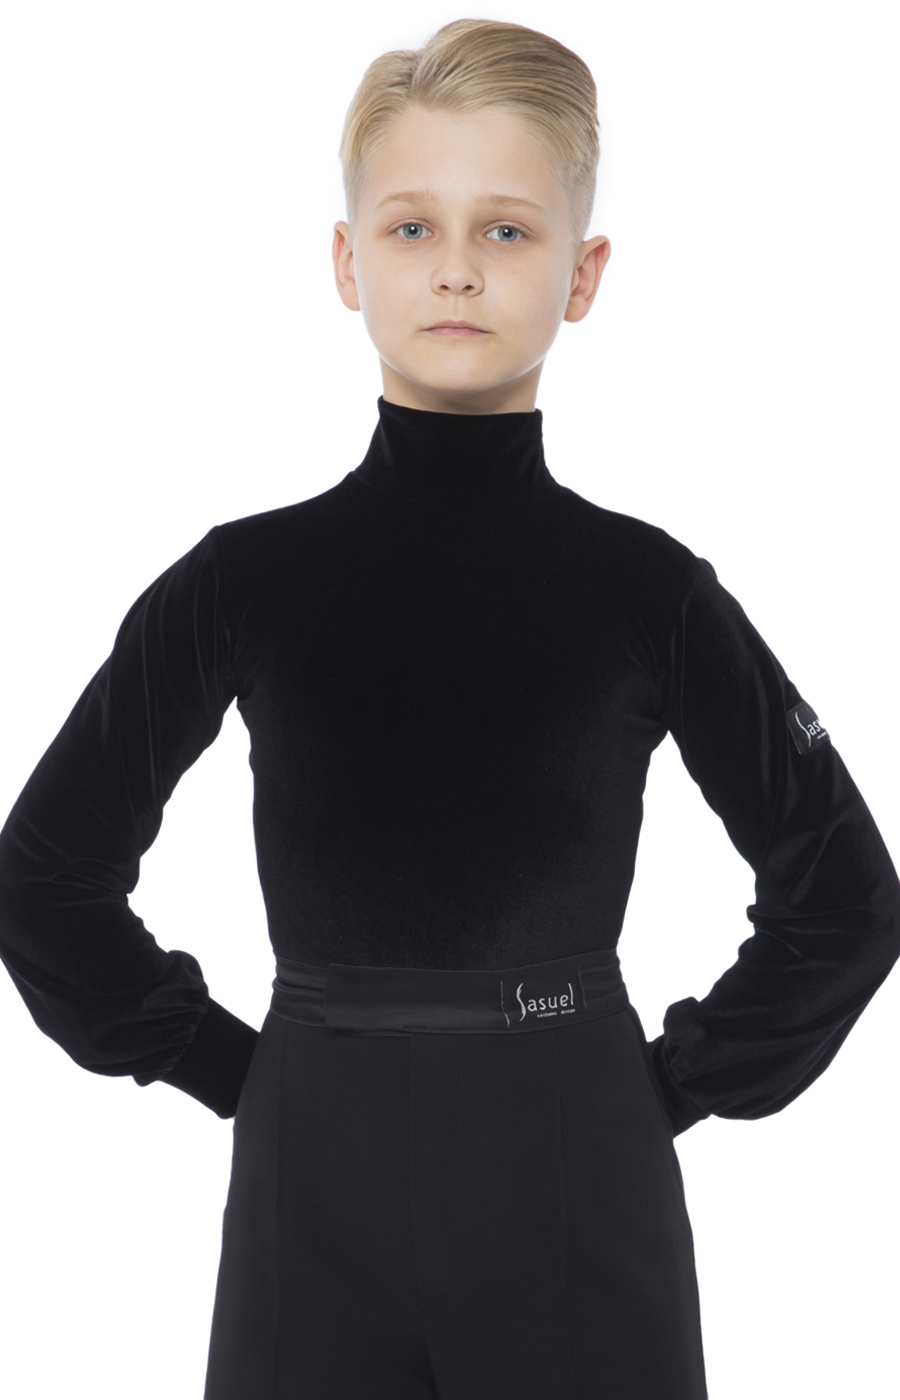 Body shirt Gabriel